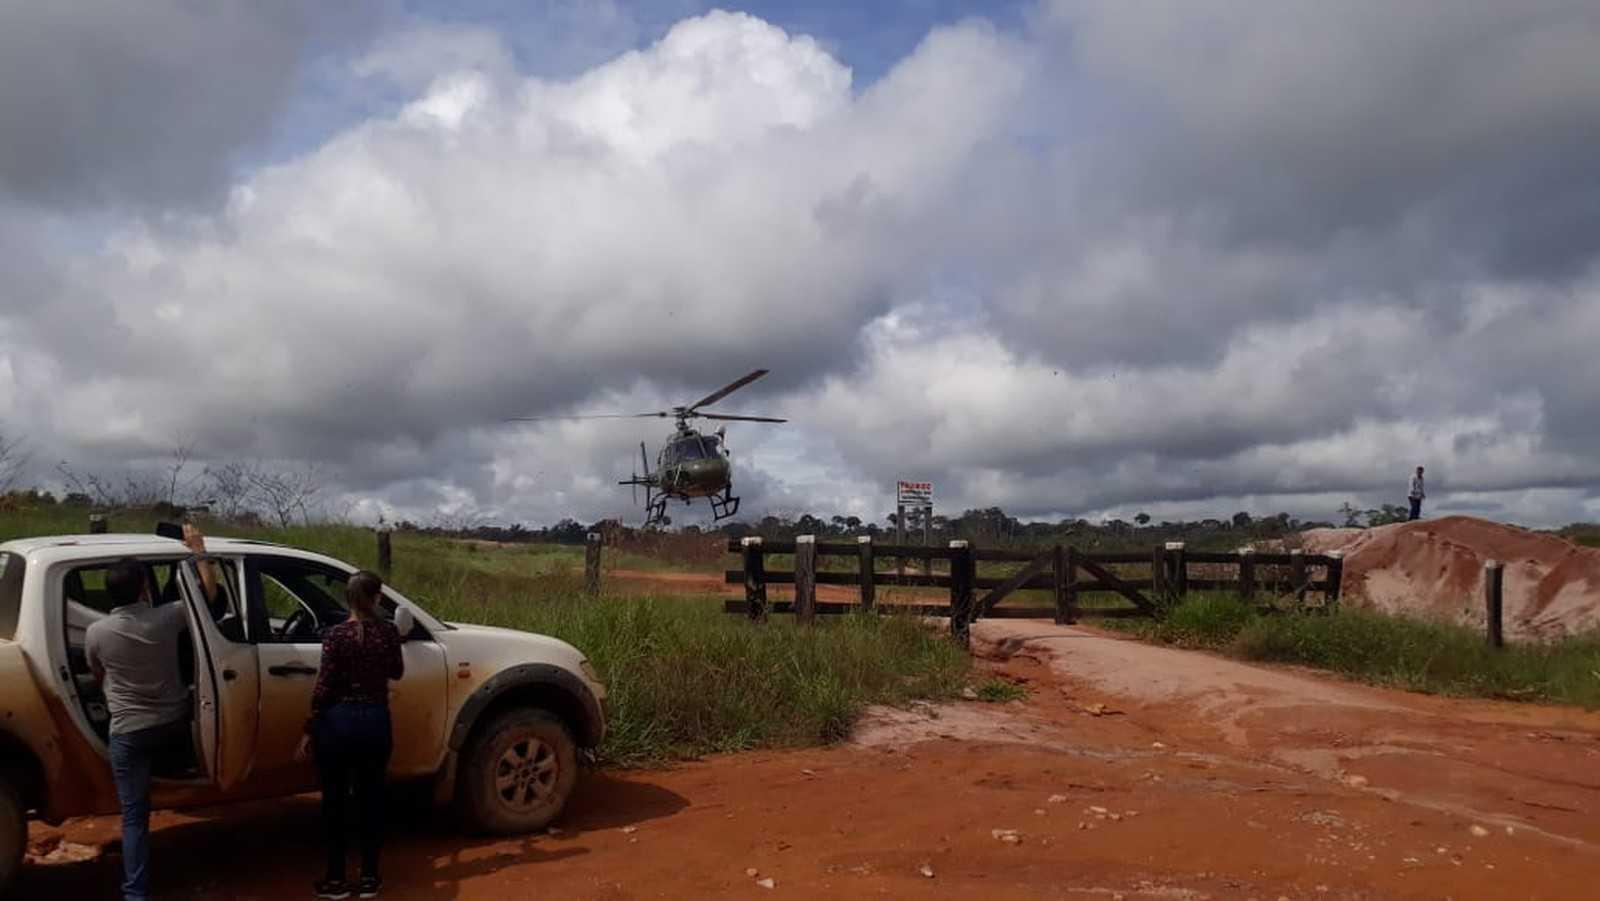 Uma equipe do Ibama faz sobrevoo pelo local para estimar o tamanho do dano ambiental. — Foto: Luiz Martins